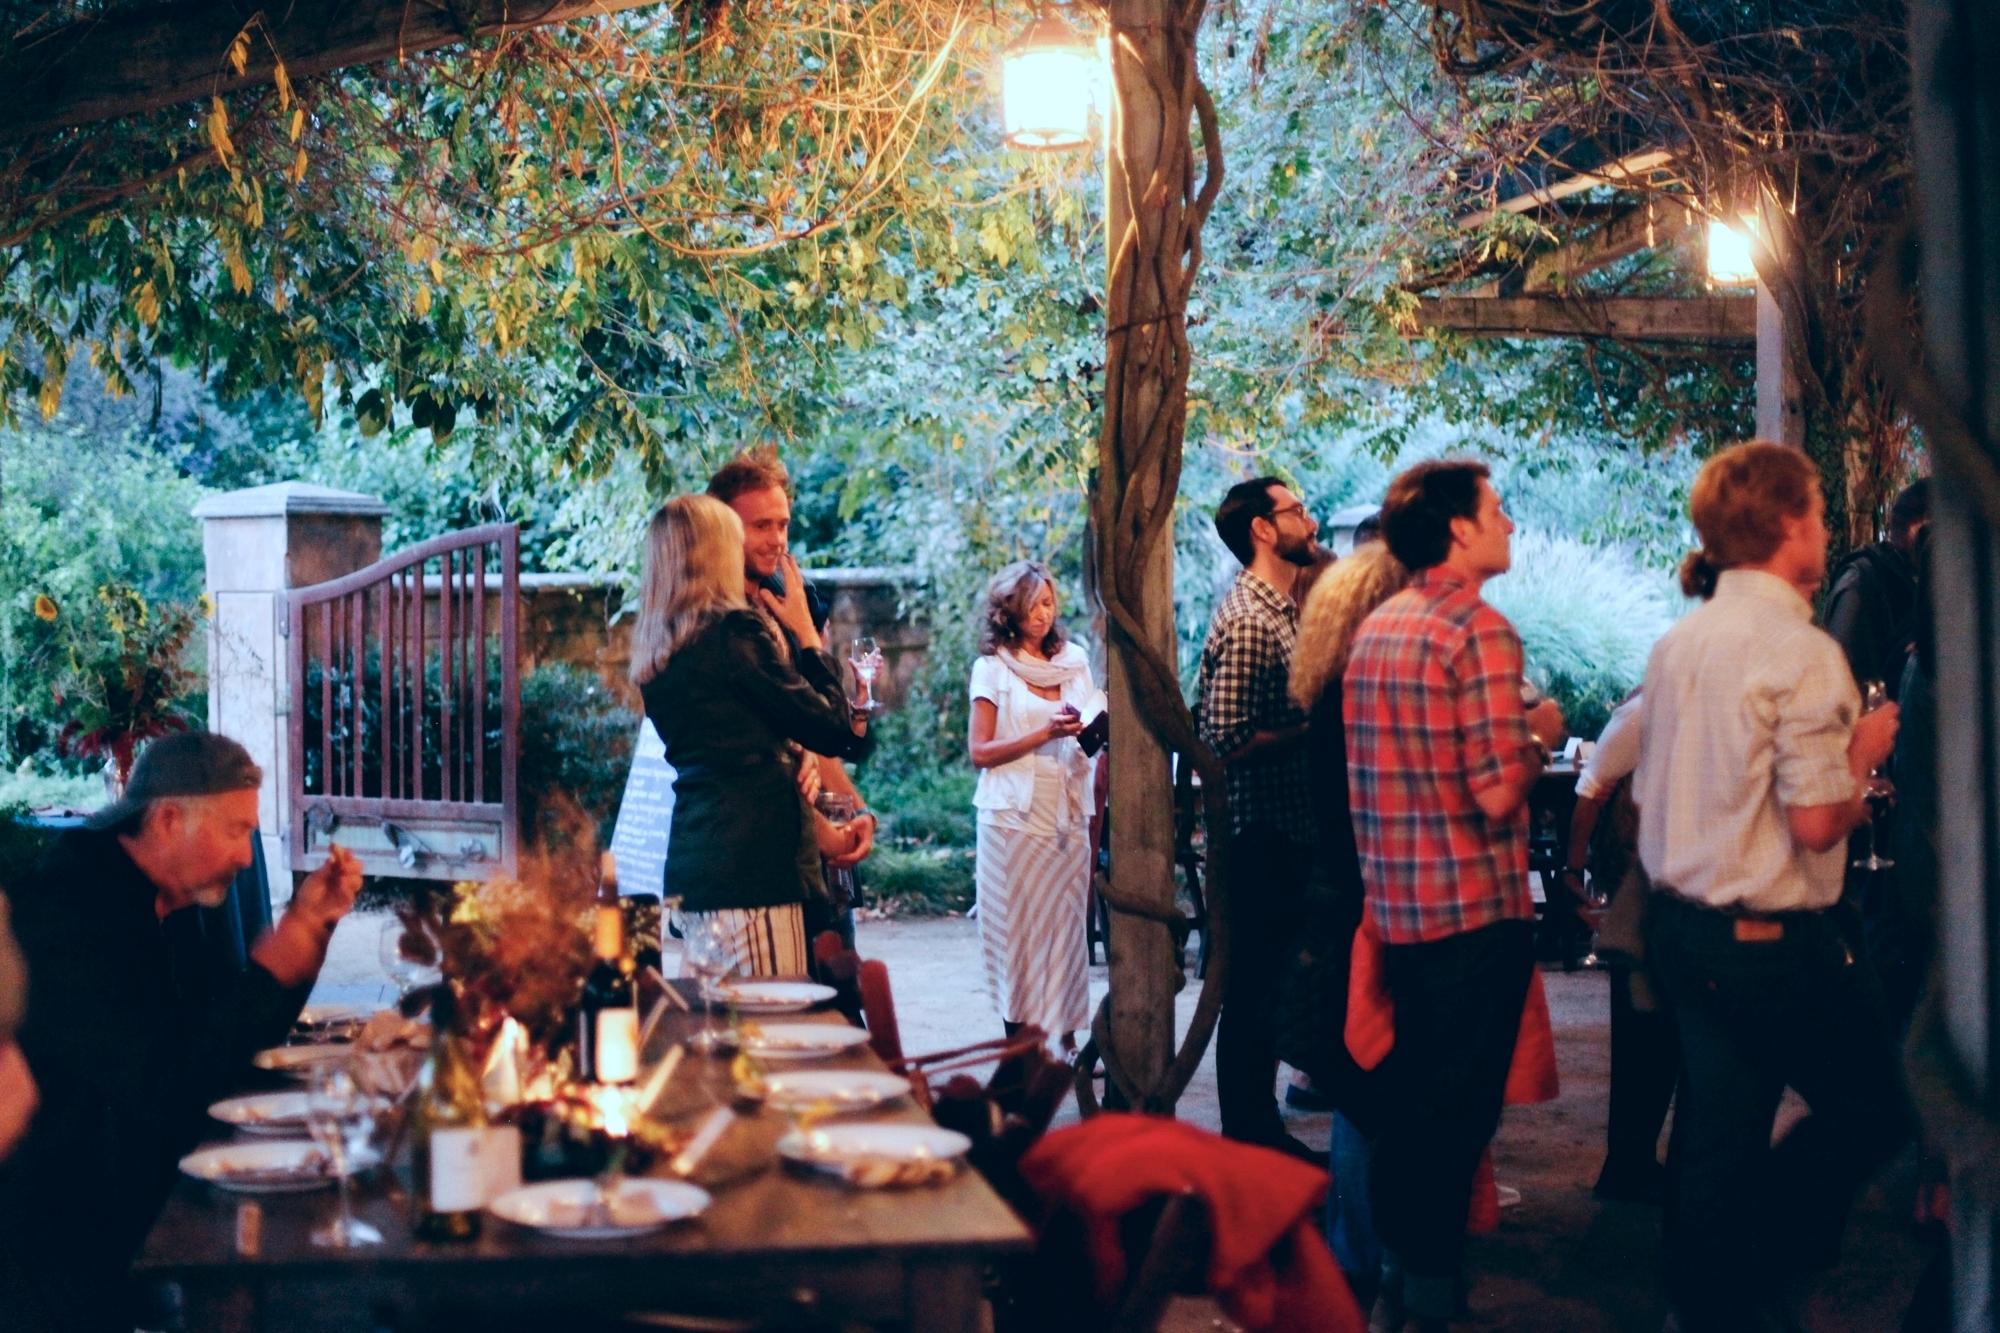 tuscan_garden_gate_people_night.jpg